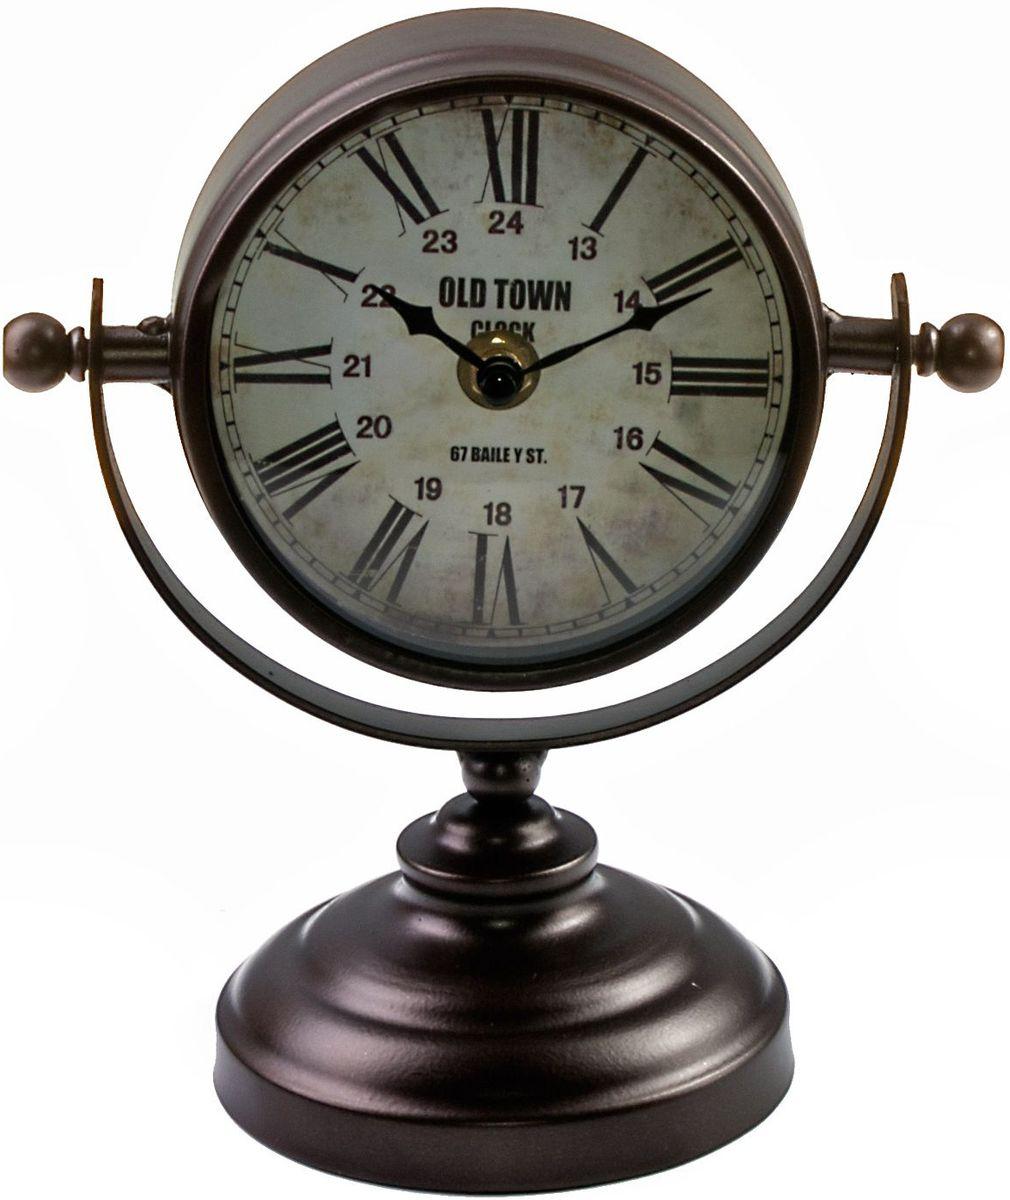 Часы настольные Miralight Copper, на подставке, цвет: темная медьML-5161 Copper Часы настольные на подставке, тёмная медьЧасы настольные Miralight Copper, изготовленные из металла, прекрасно украсят интерьер вашего помещения. Часы, выполненные в модном стиле ретро, имеют оригинальную подставку для удобного размещения на столе и массивный металлический корпус. Состаренный циферблат круглой формы имеет две стилизованные фигурные стрелки: часовую и минутную и элегантные римские цифры. Питание осуществляется от одной батарейки типа АА (не входит в комплект). Оформите свой дом таким интерьерным аксессуаром или преподнесите его в качестве презента друзьям, и они оценят ваш оригинальный вкус и неординарность подарка. Рекомендуем!